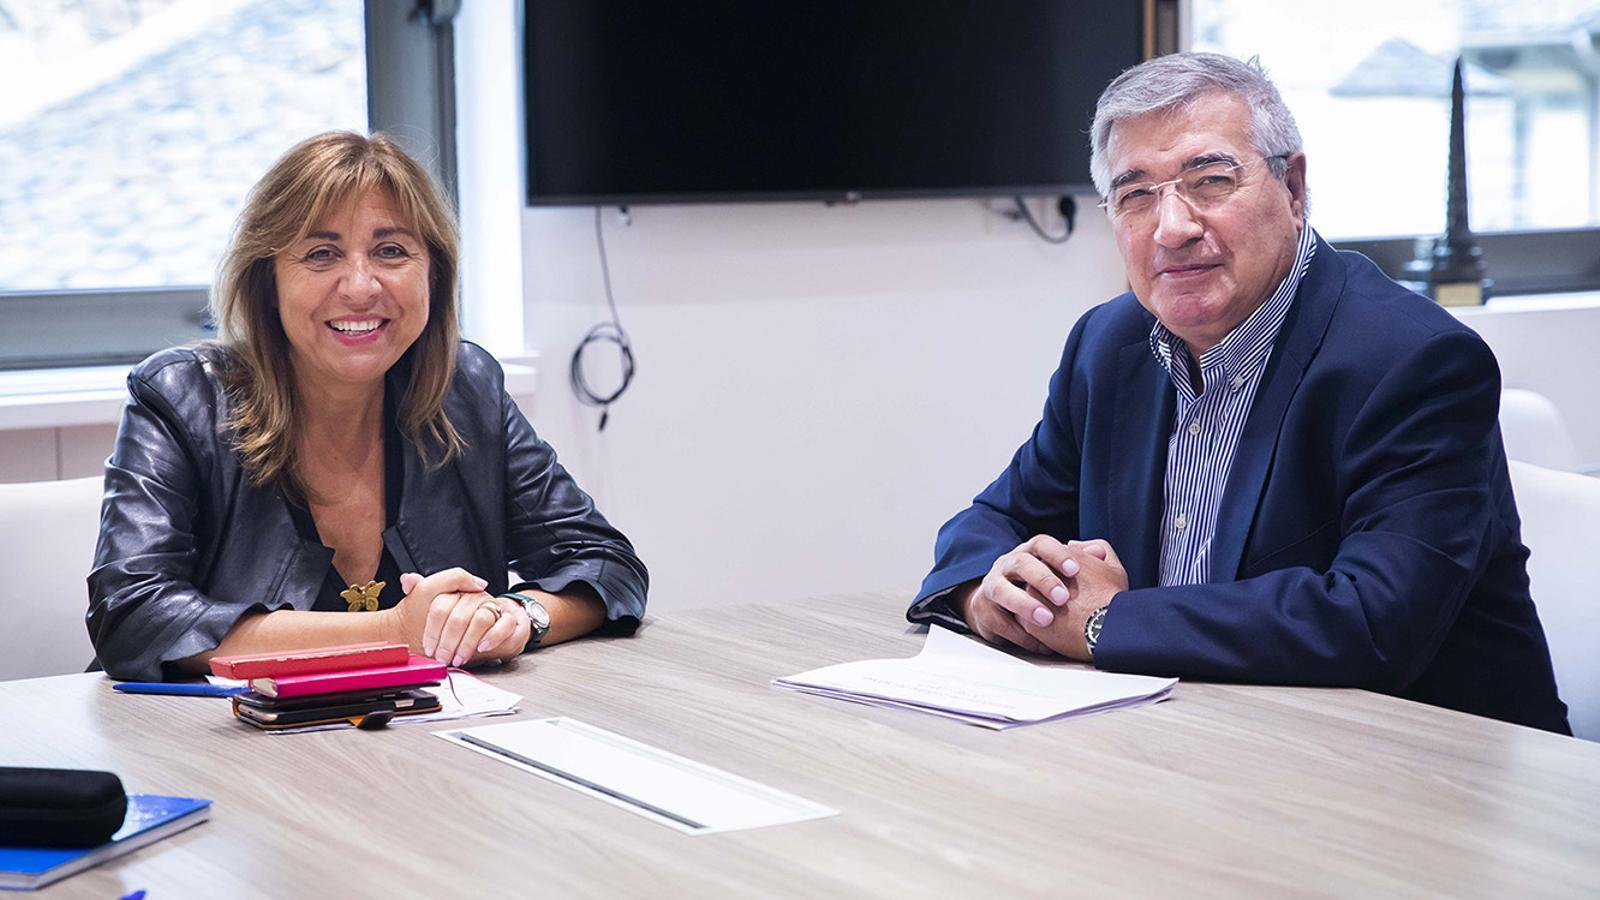 Un moment de la trobada entre la cònsol major d'Andorra la Vella, Conxita Marsol, i el president de la Cooperativa Interurbana, Gabriel Dallerès. / COMÚ D'ANDORRA LA VELLA